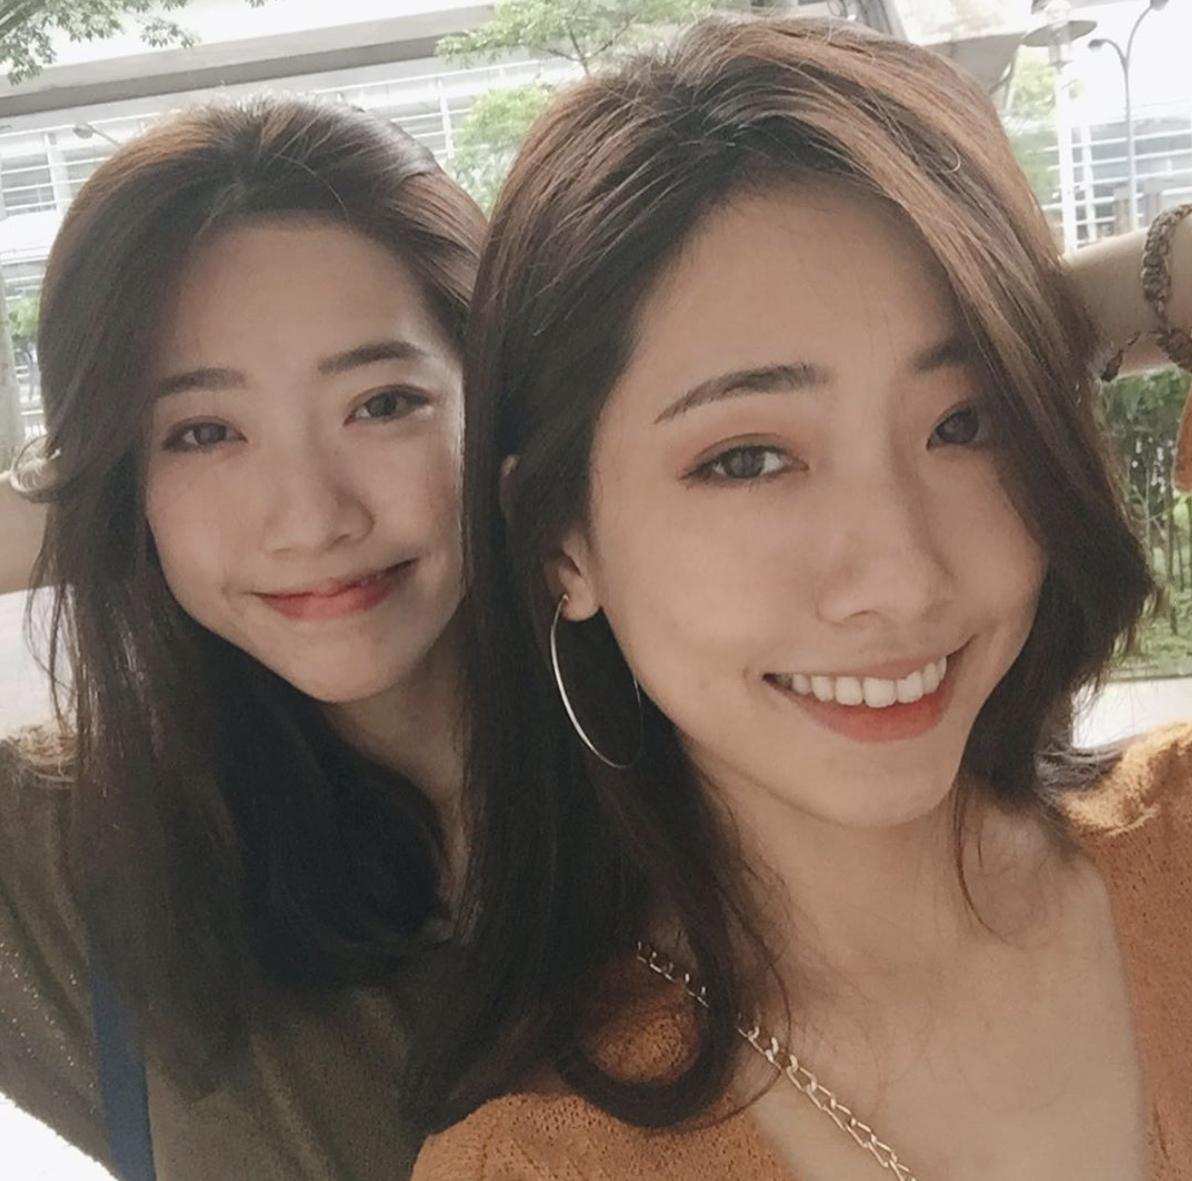 j_photo_2019_16.jpg